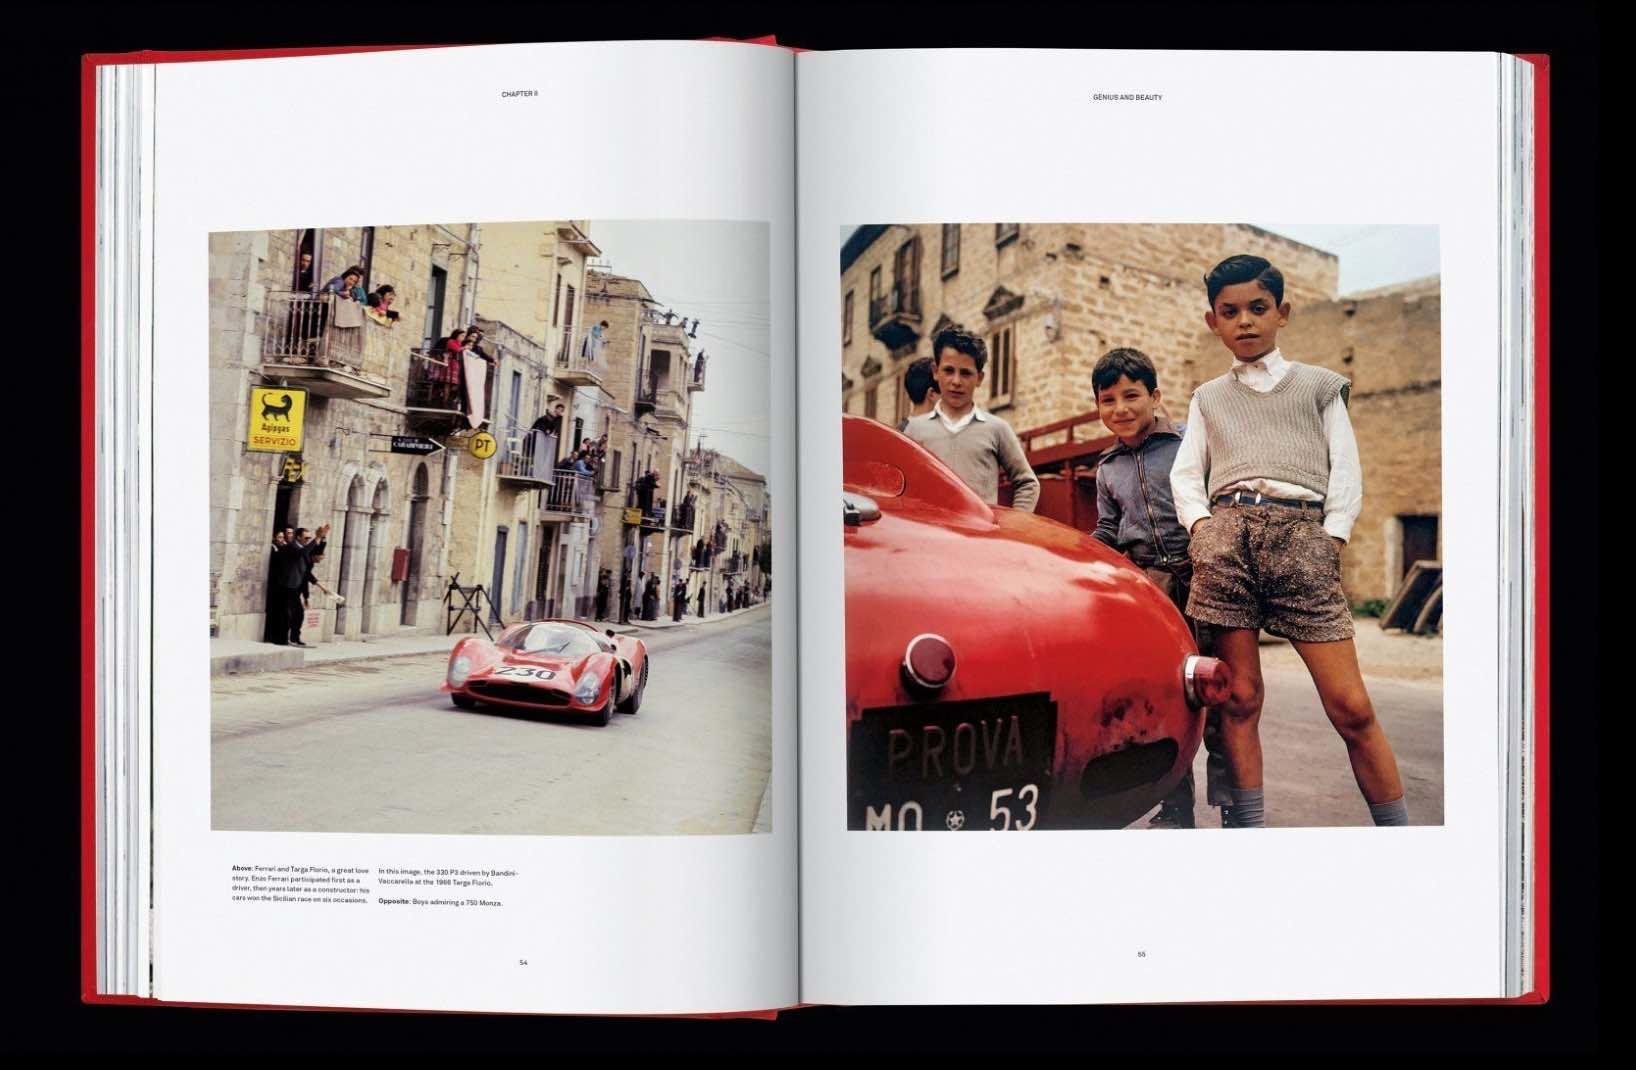 法拉利以顶级跑车引擎为灵感,打造全新历史奢华书籍